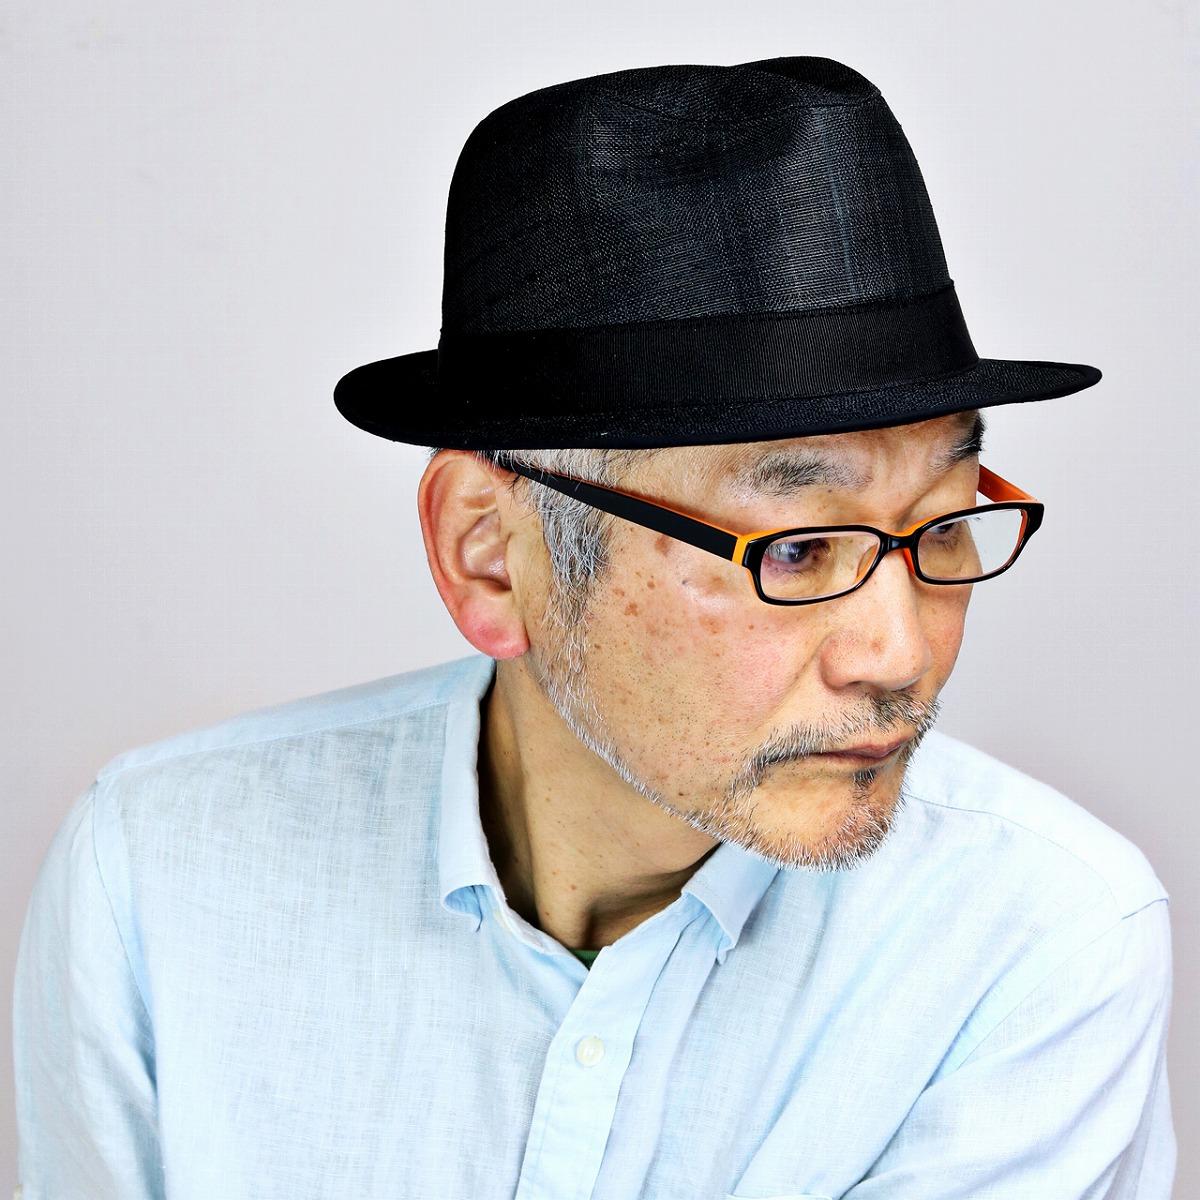 マツイ ハット 中折れ 麻100% 日本製 MATSUI 帽子 メンズ 春夏 中折れハット シナマイ リネン 中折れ帽 紳士 中折れ帽子 りぼん 涼しい M L LL 3L 大きいサイズ サイズ調整 シンプル 無地 / 黒 ブラック [ fedora ] プレゼント ギフト 帽子